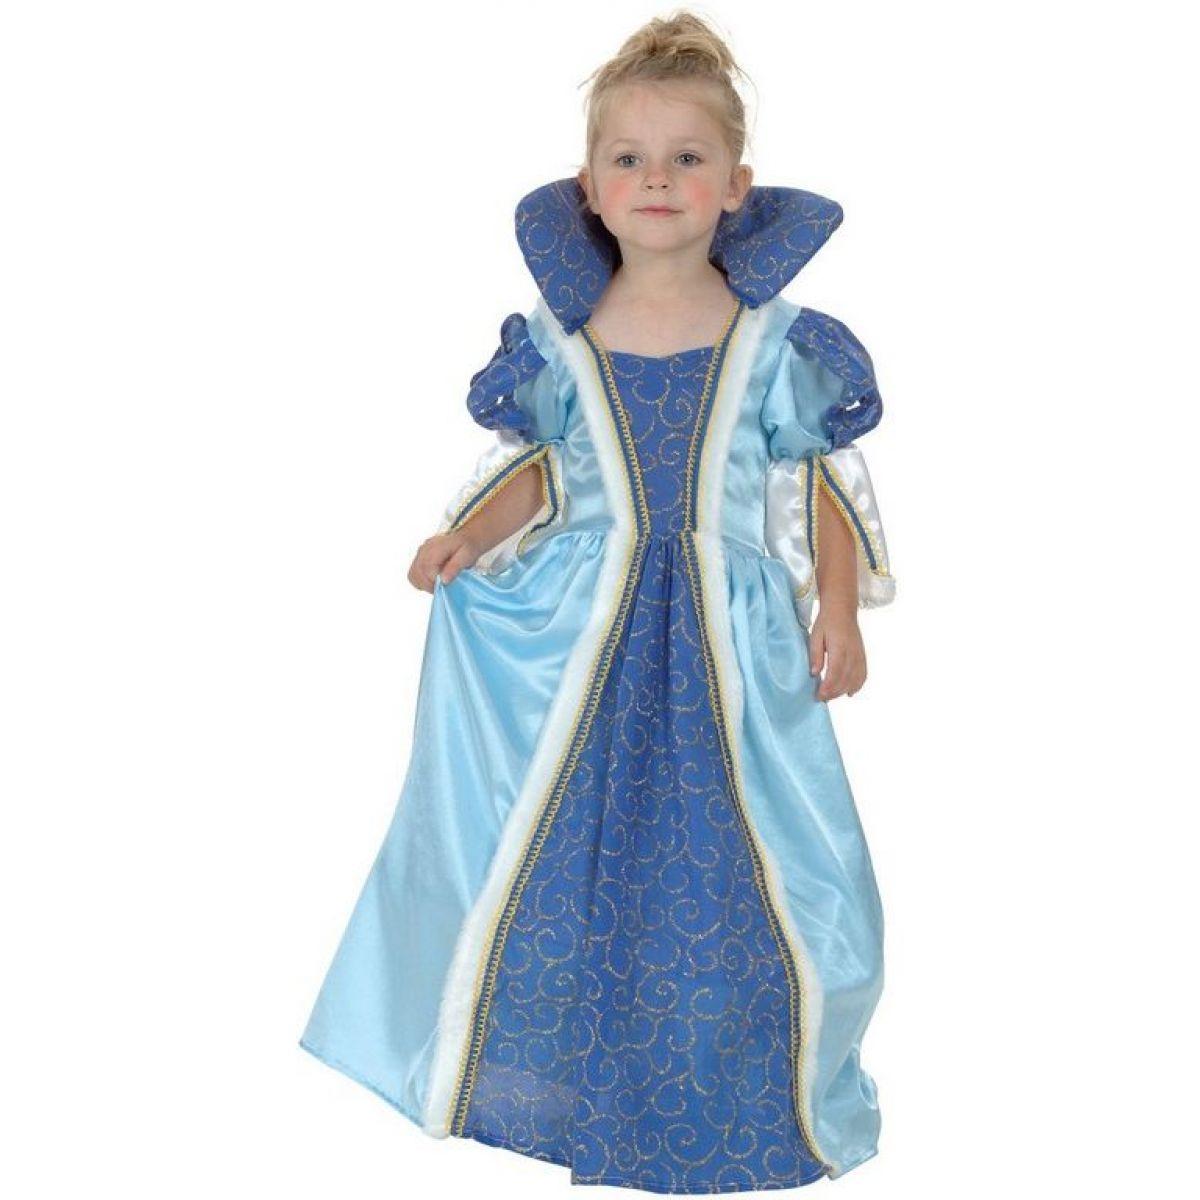 Made Dětský karnevalový kostým Princezna 92-104 cm